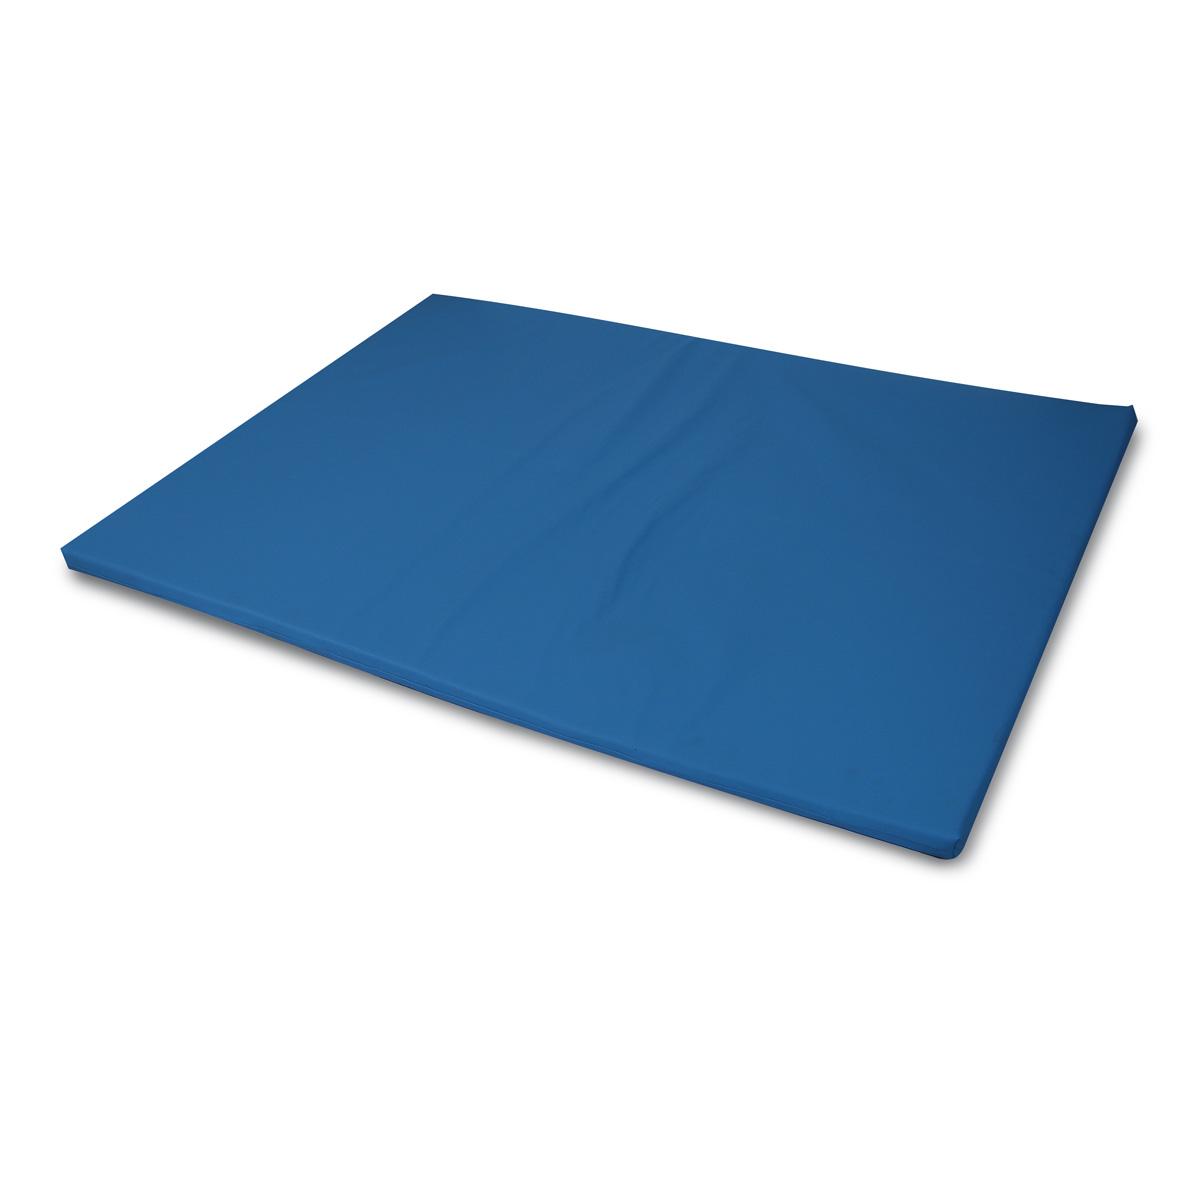 tapis de gym large 1 86 m 1005004 w15104 exercise s mat tapis de gymnastique 3b scientific. Black Bedroom Furniture Sets. Home Design Ideas